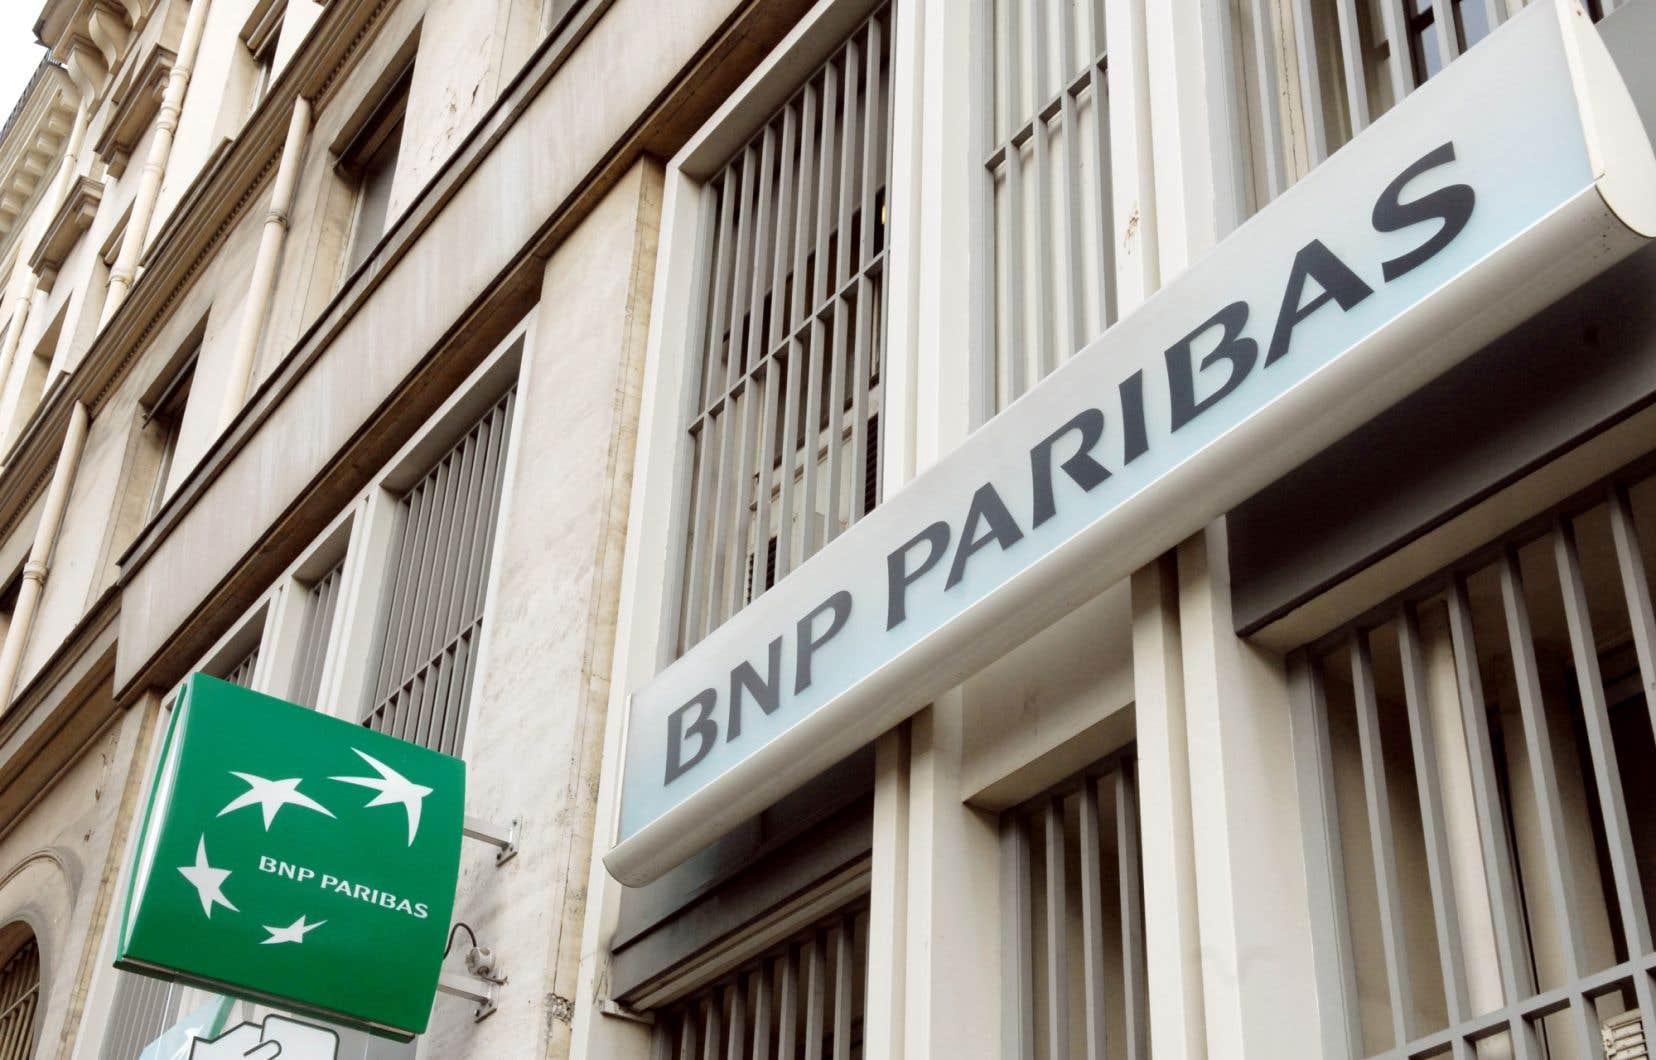 Selon le New York TImes, le dossier concernant BNP Paribas aurait aussi été mentionné par le président François Hollande auprès de la Maison-Blanche.